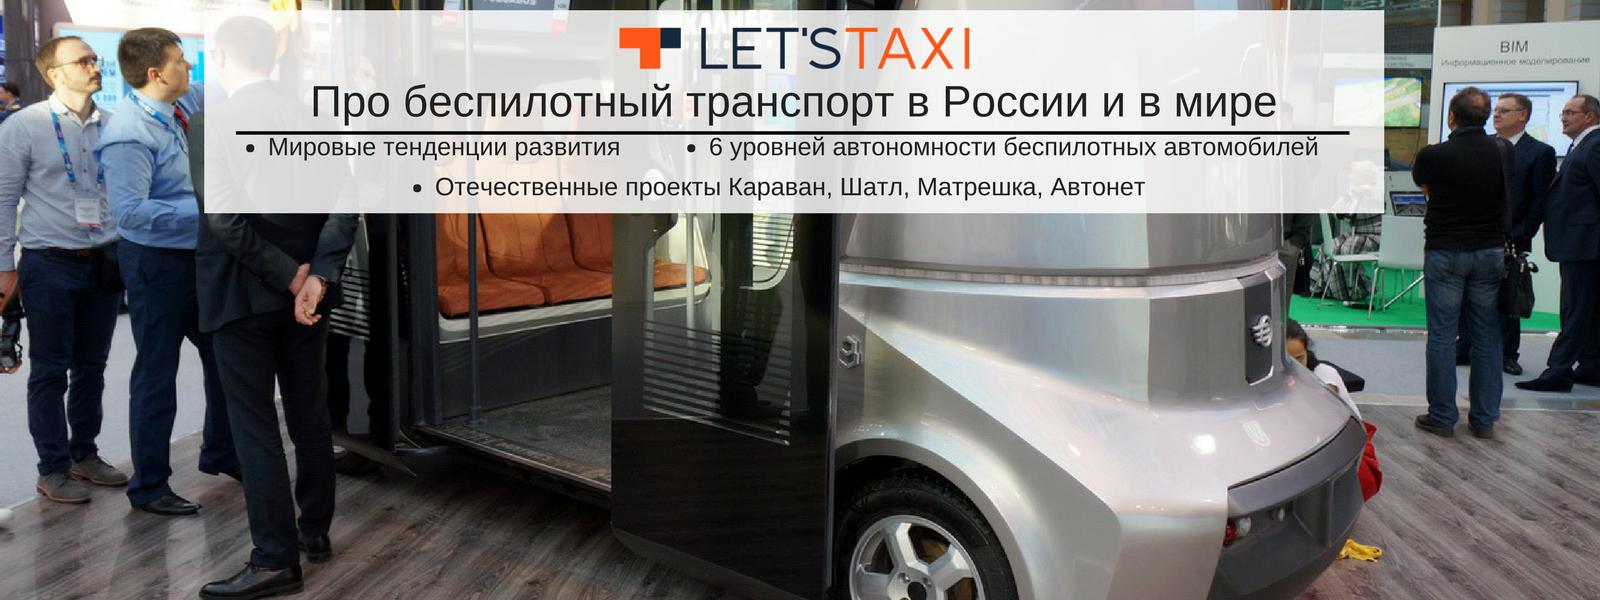 беспилотный транспорт РФ